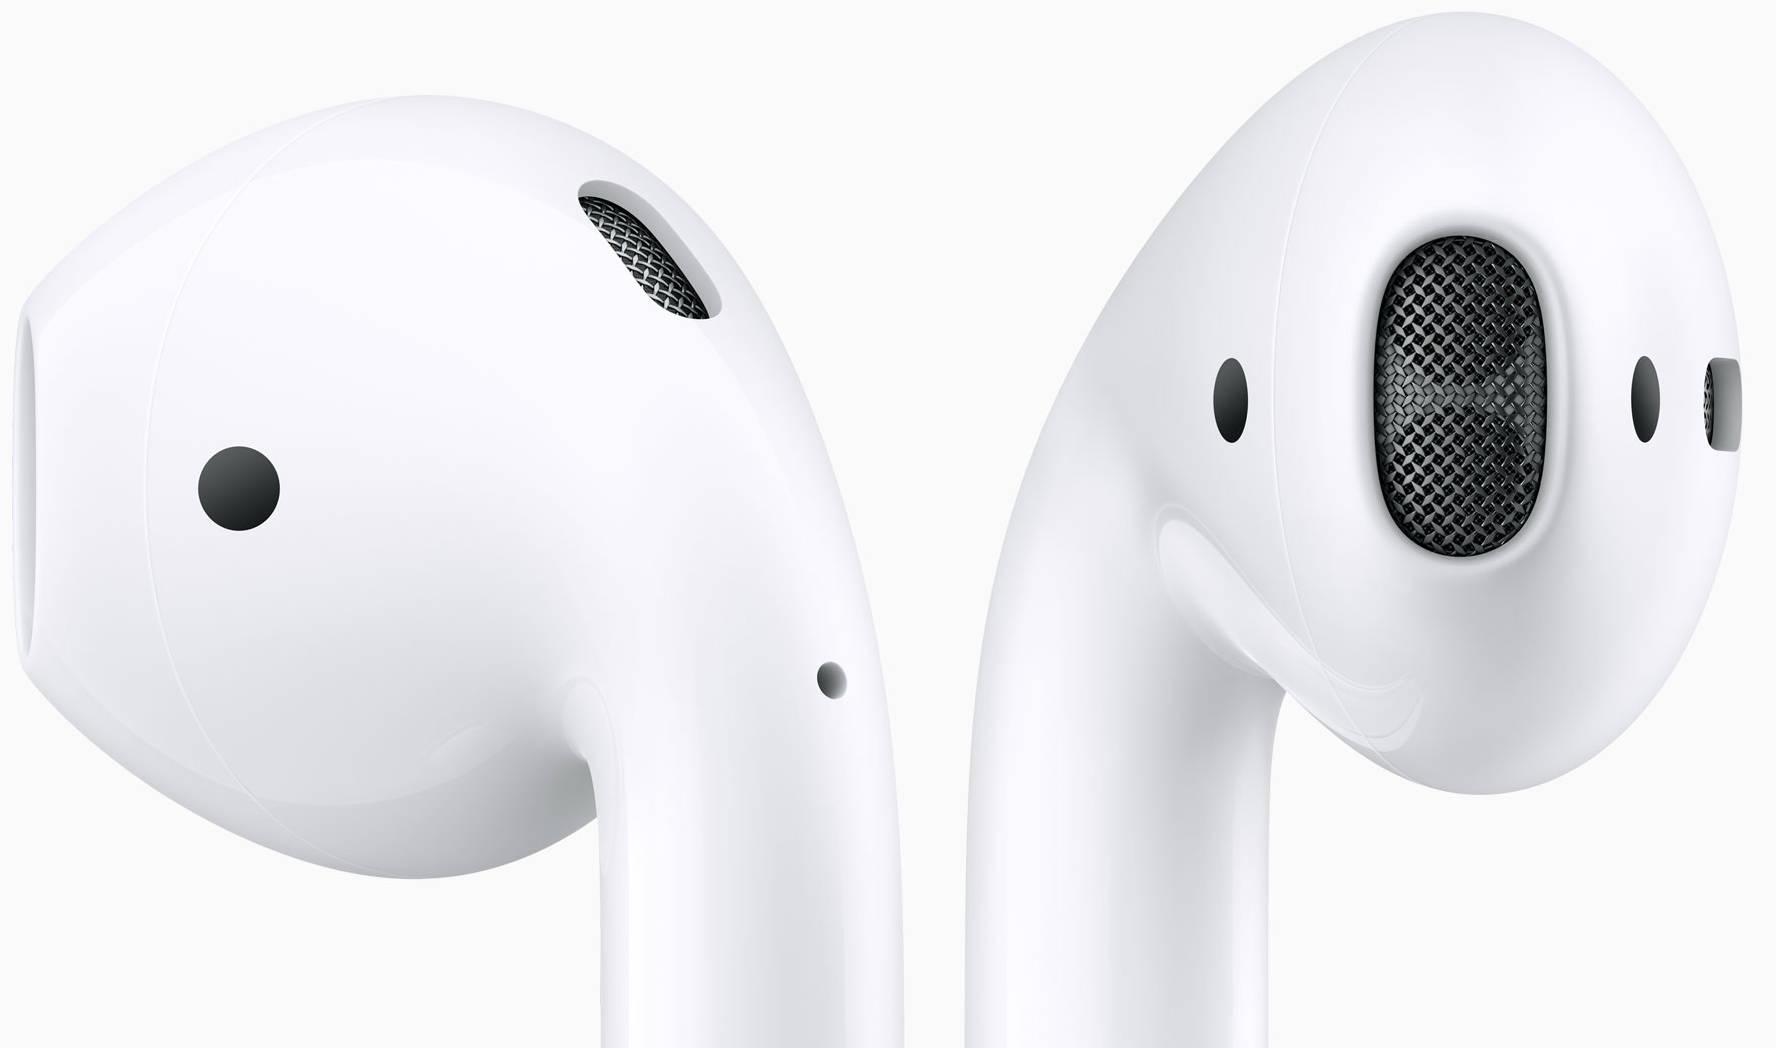 Apple AirPods Pro cena 3 generacja słuchawki bezprzewodowe kiedy premiera plotki przecieki wycieki